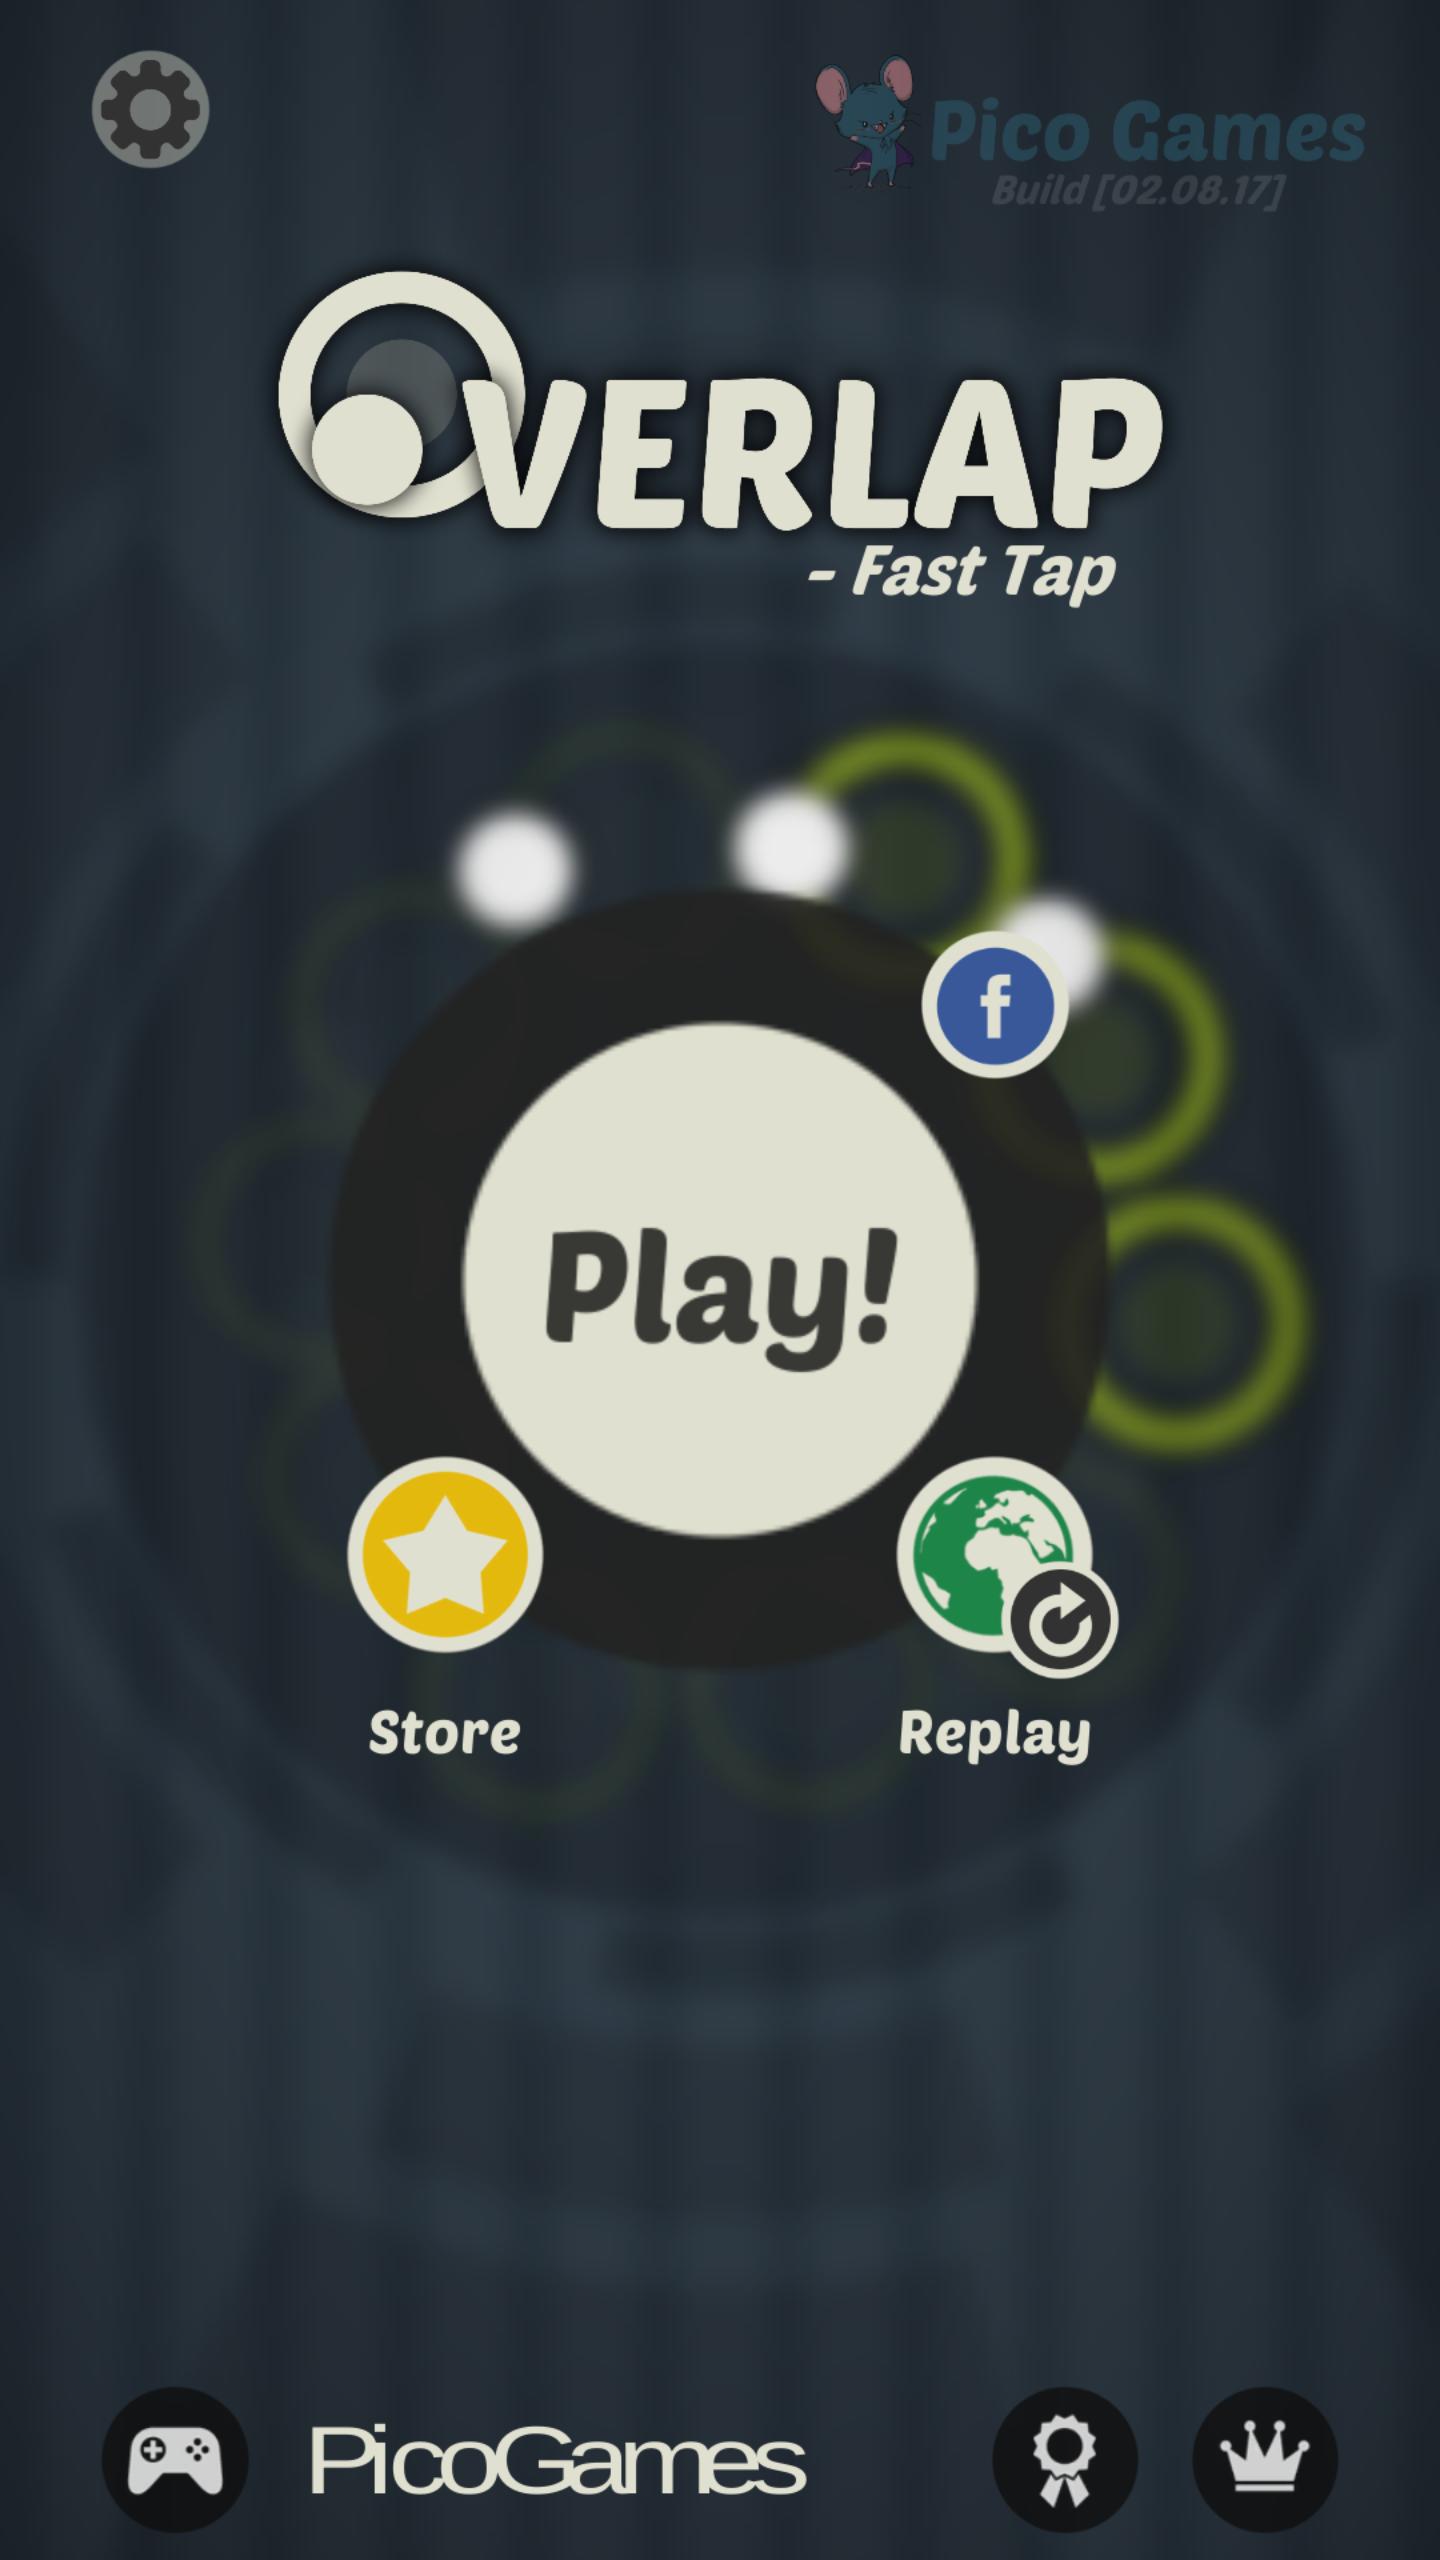 Overlap - Fast Tap